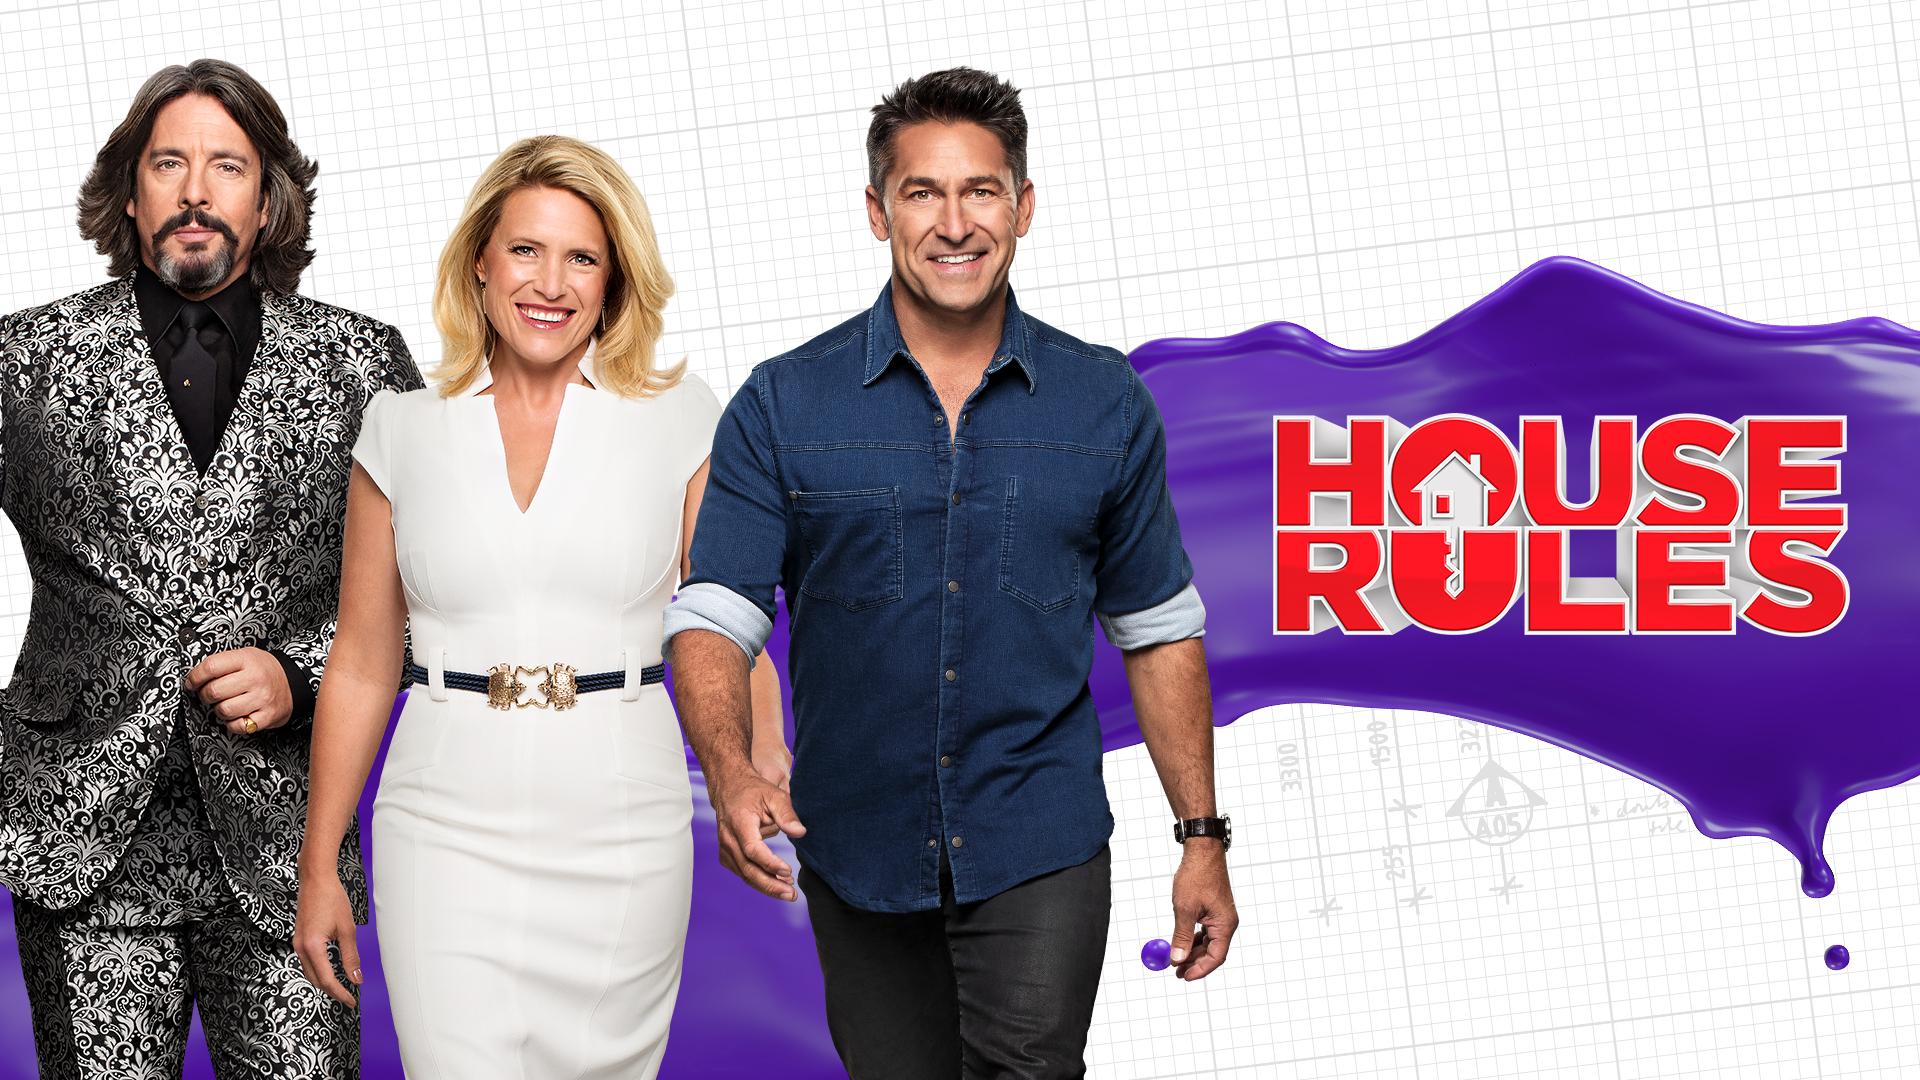 house rules winners 2019 - HD1920×1080